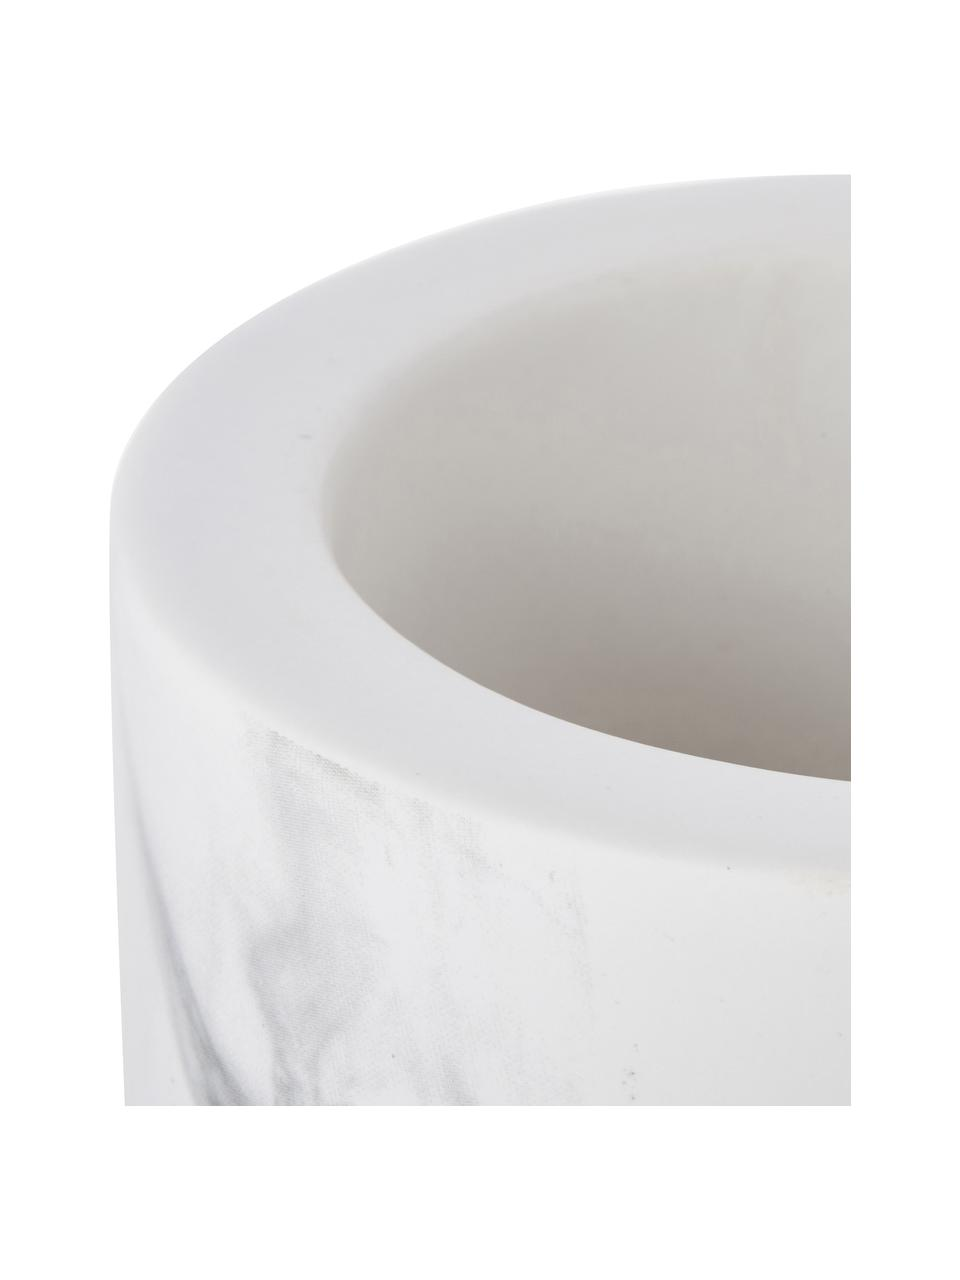 Toilettenbürste Daro mit Keramik-Behälter, Behälter: Keramik, Griff: Metall, beschichtet, Weiß, Schwarz, Ø 10 x H 43 cm